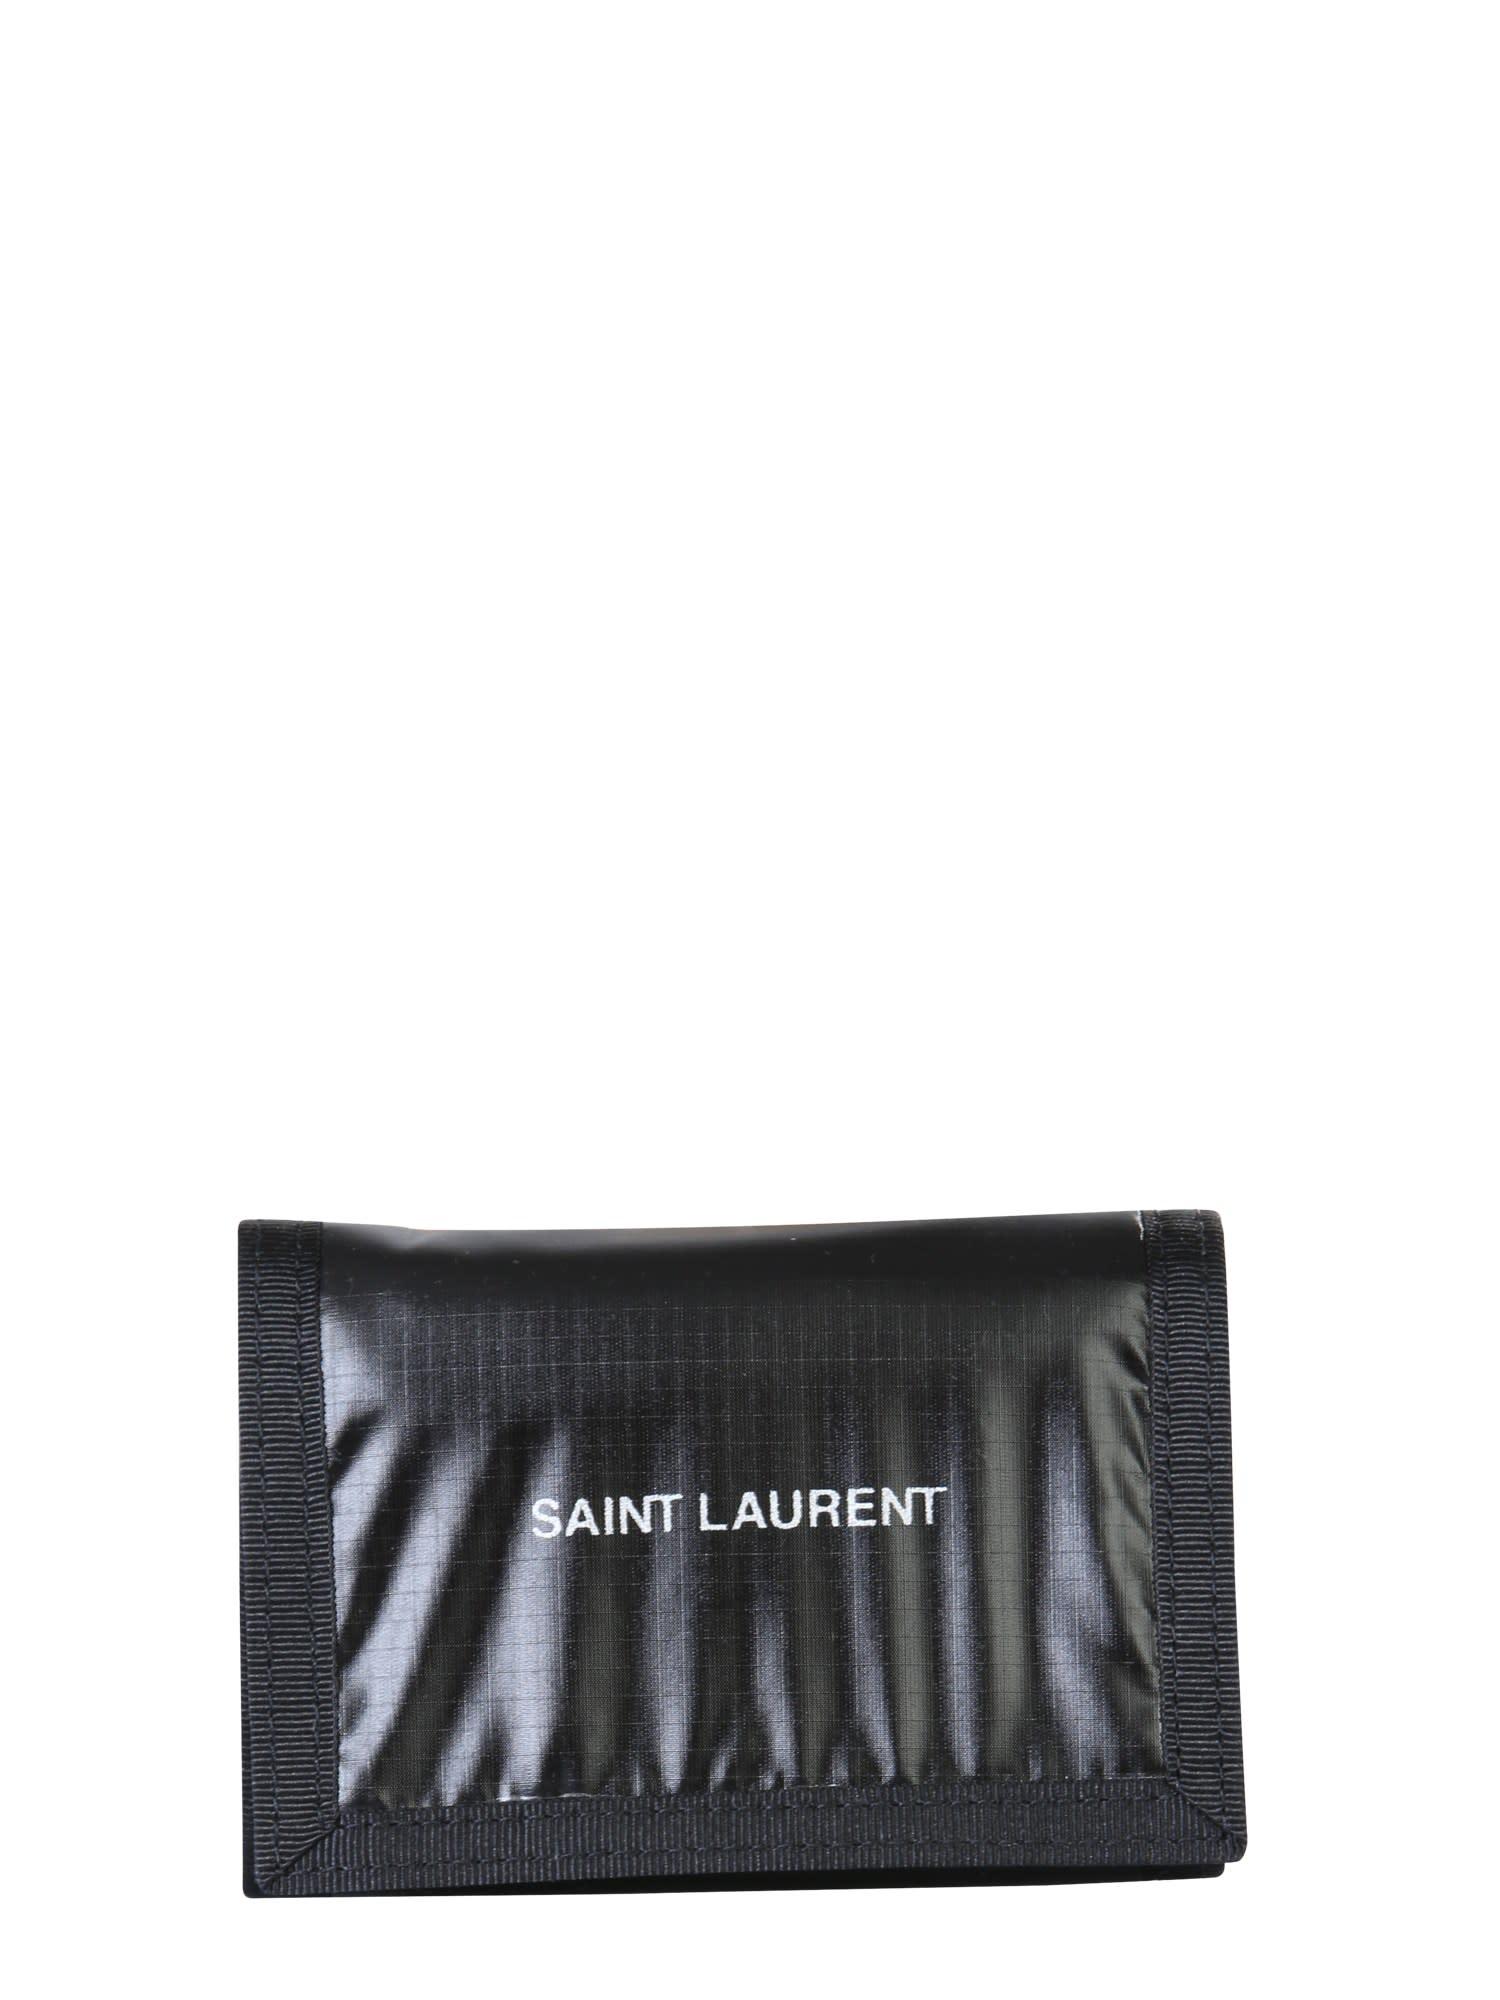 Saint Laurent Nuxx Compact Wallet